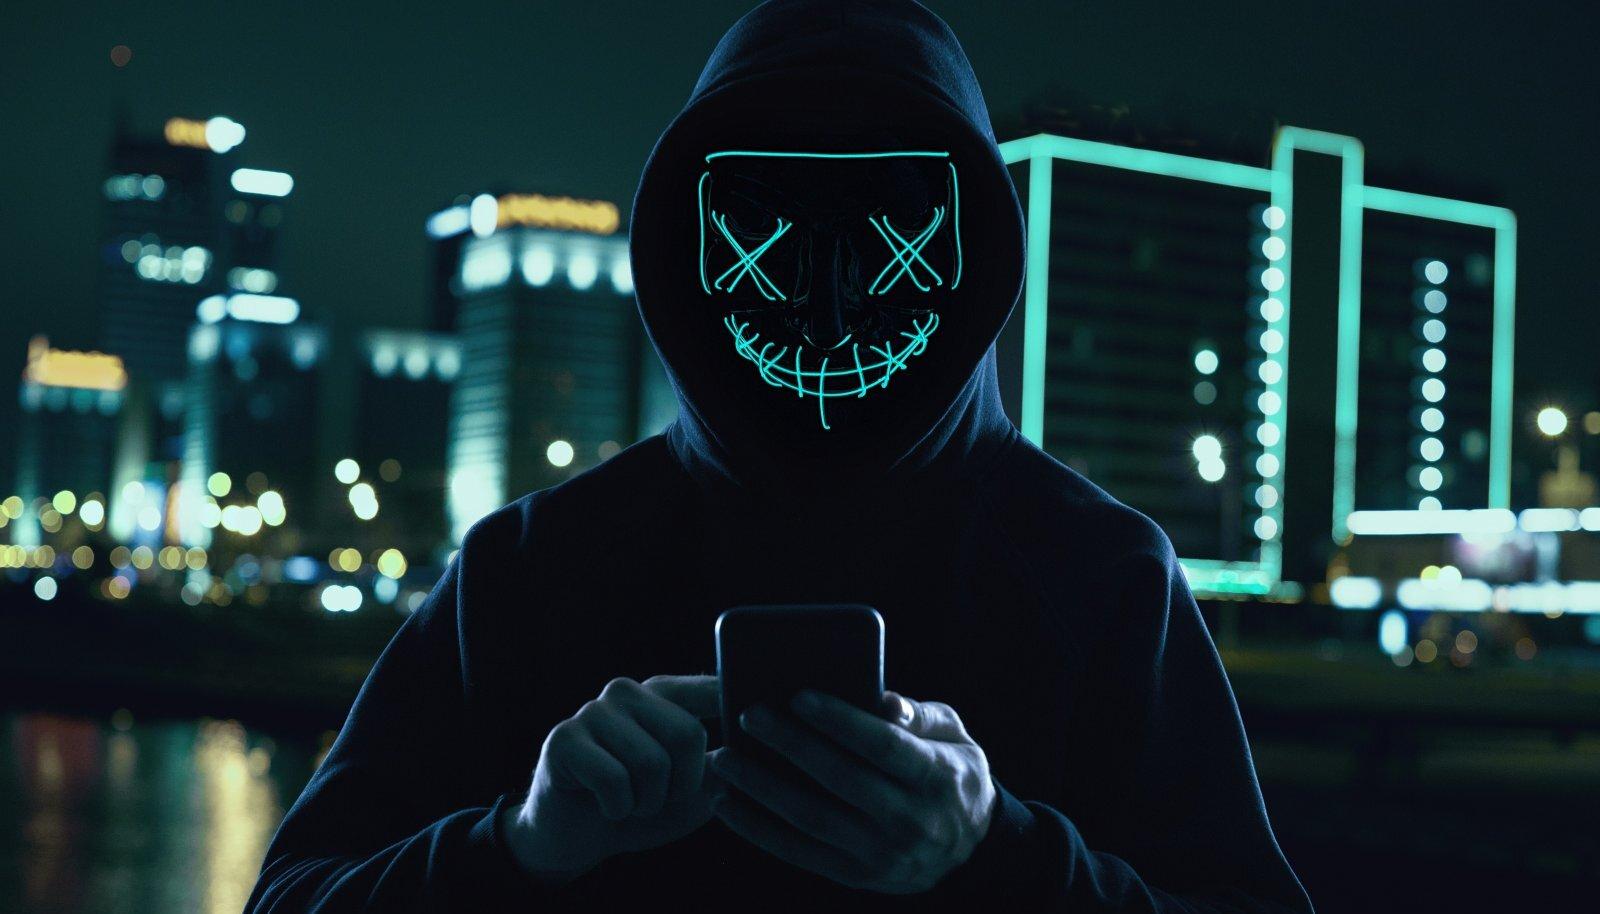 Telefonikelmustest on saanud ülemaailmne kuriteoliik ja seepärast on ka toimepanijaid keeruline tabada.